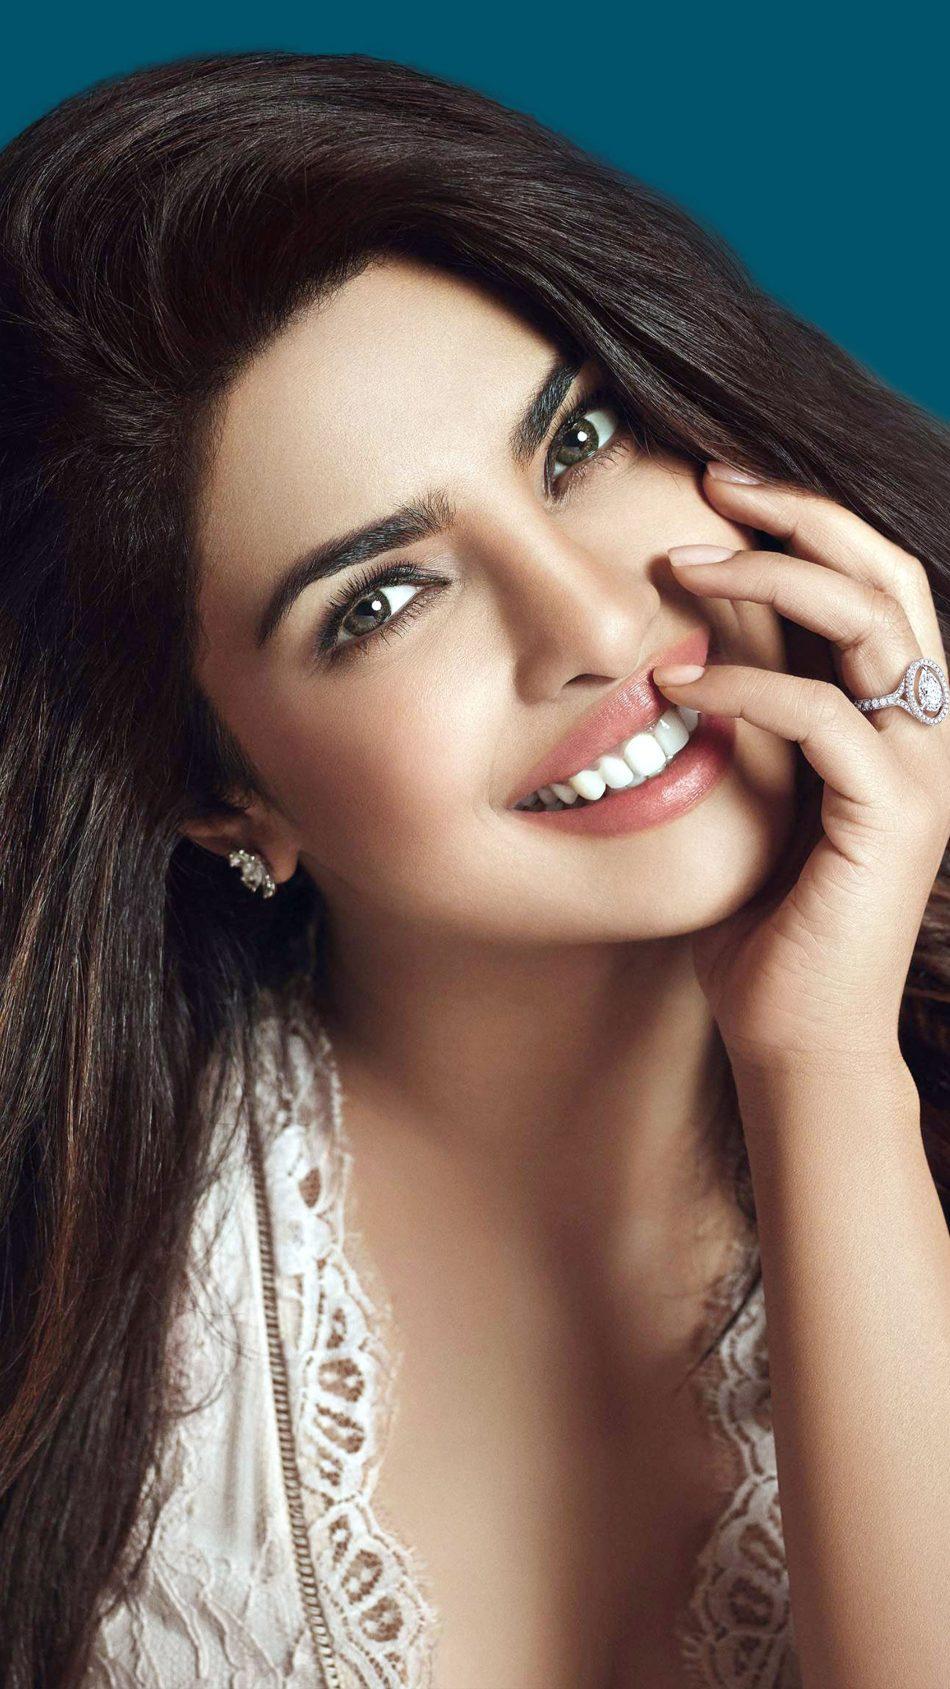 Priyanka Chopra 2019 Smile 4K Ultra HD Mobile Wallpaper